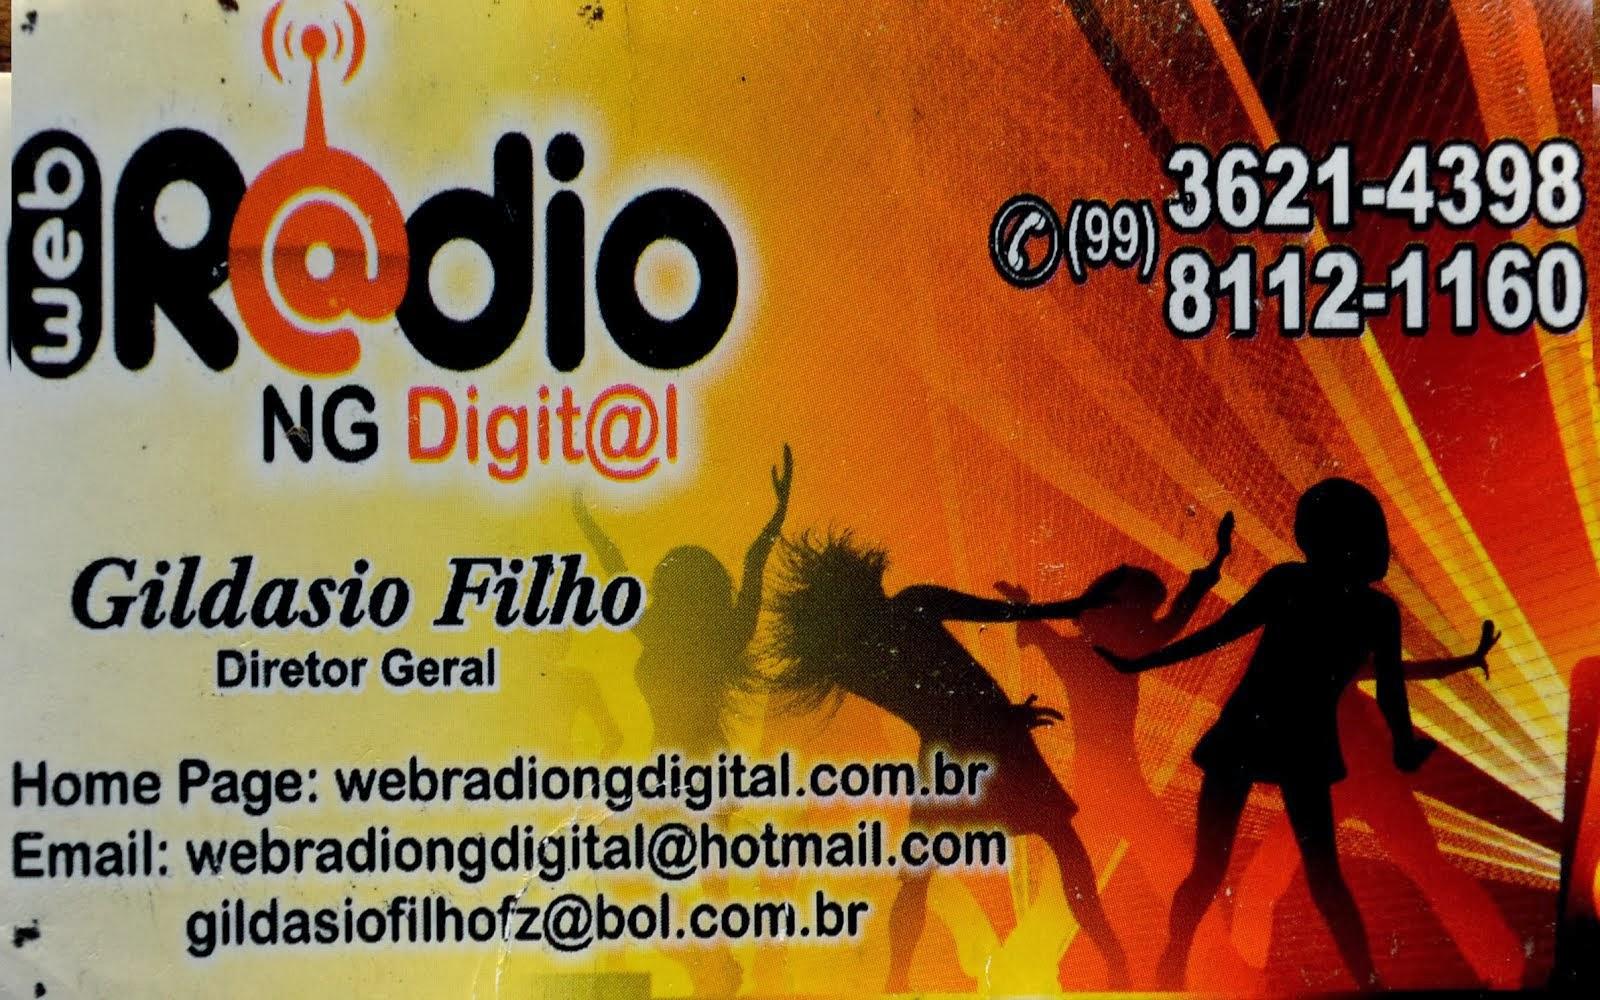 Rádio N G Digit@l